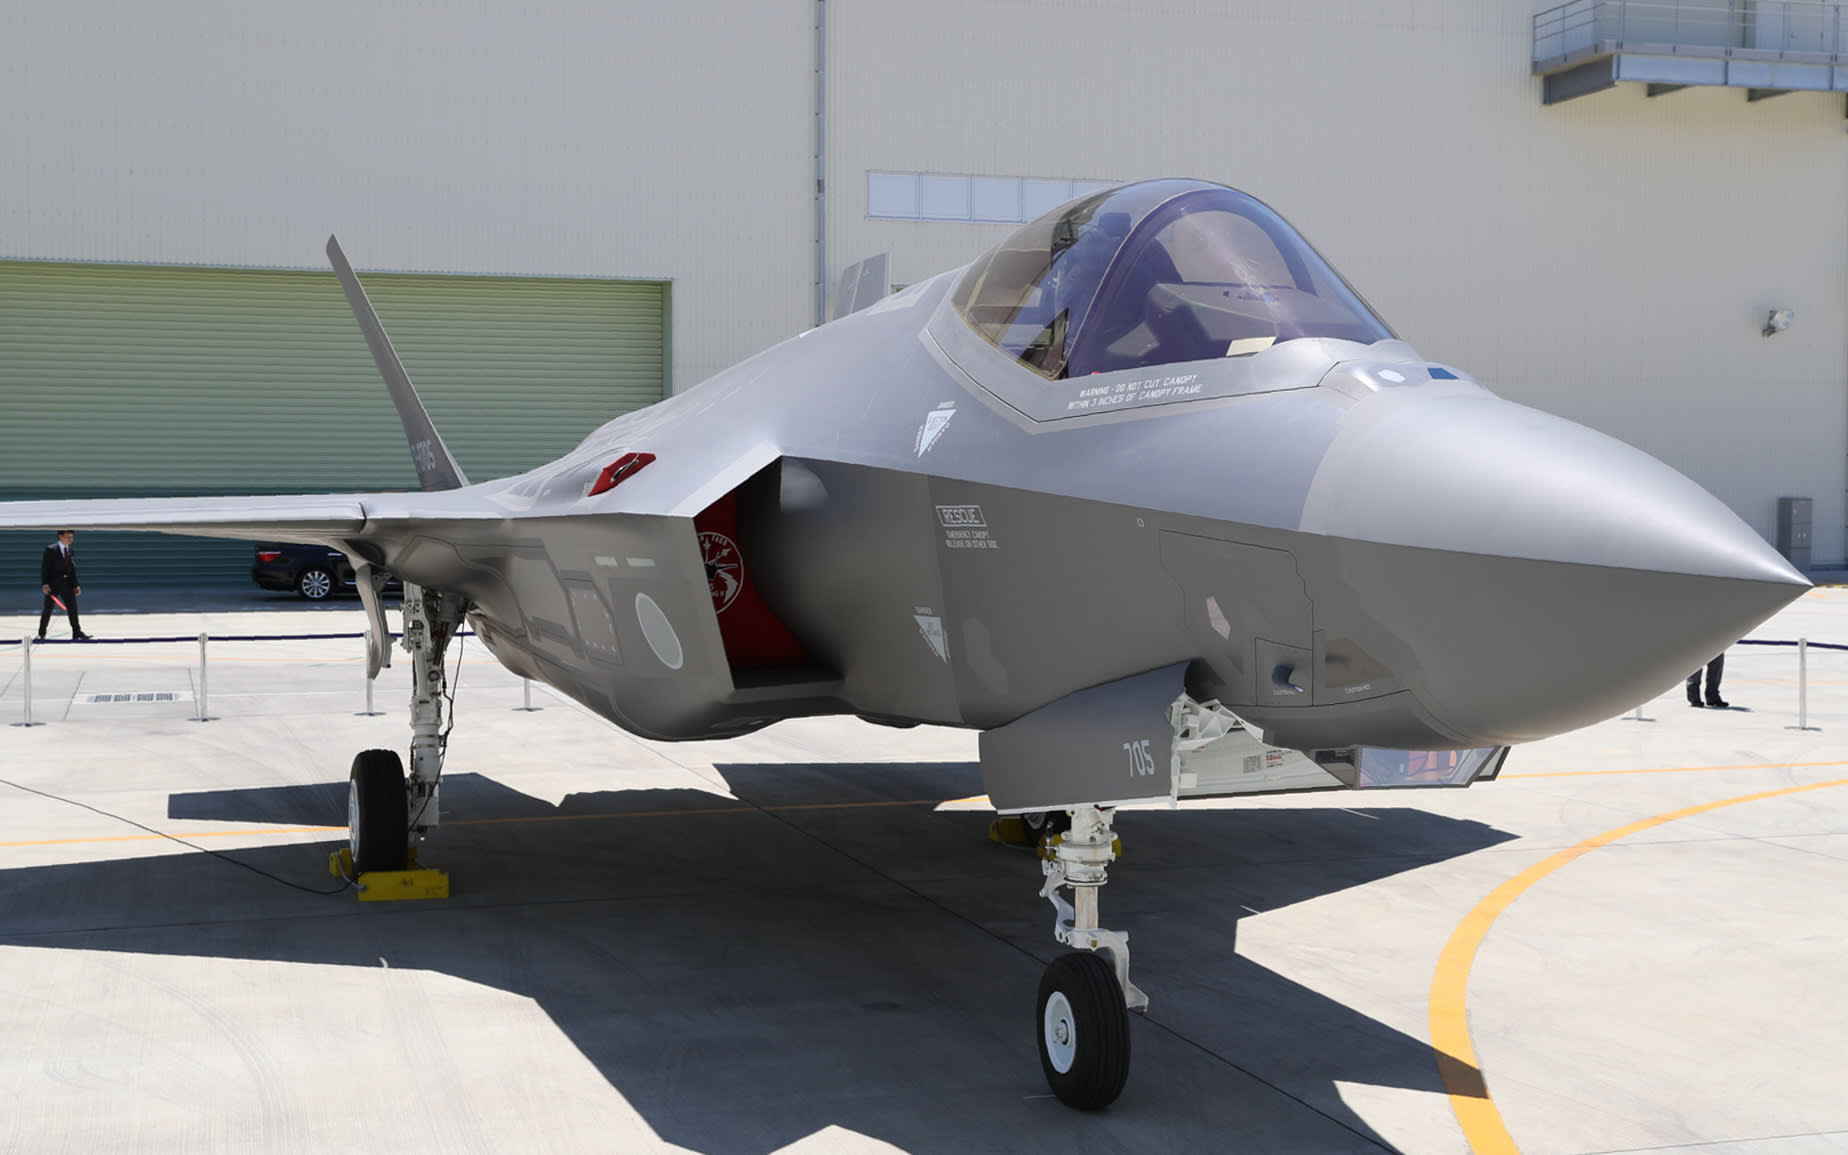 日本F-35坠海原因最终查明 空间迷向导致坠机